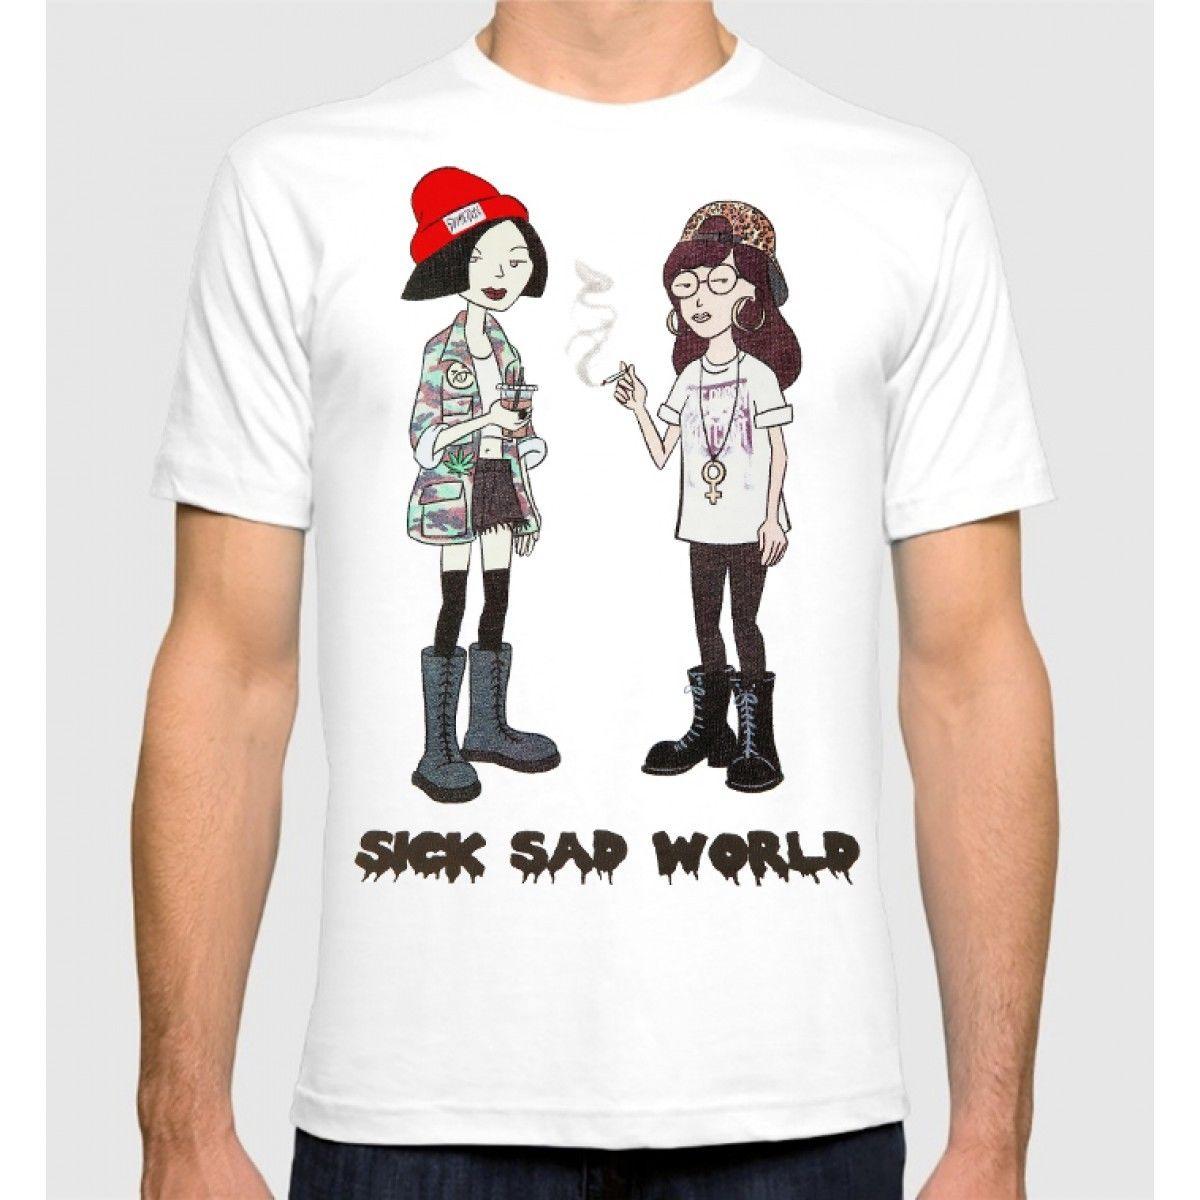 Daria T-shirt Sick Sad World Men Women New Cotton Tee S-7XL 2018 Summer New Brand Men Hip Hop Men Shirts Casual Fitness